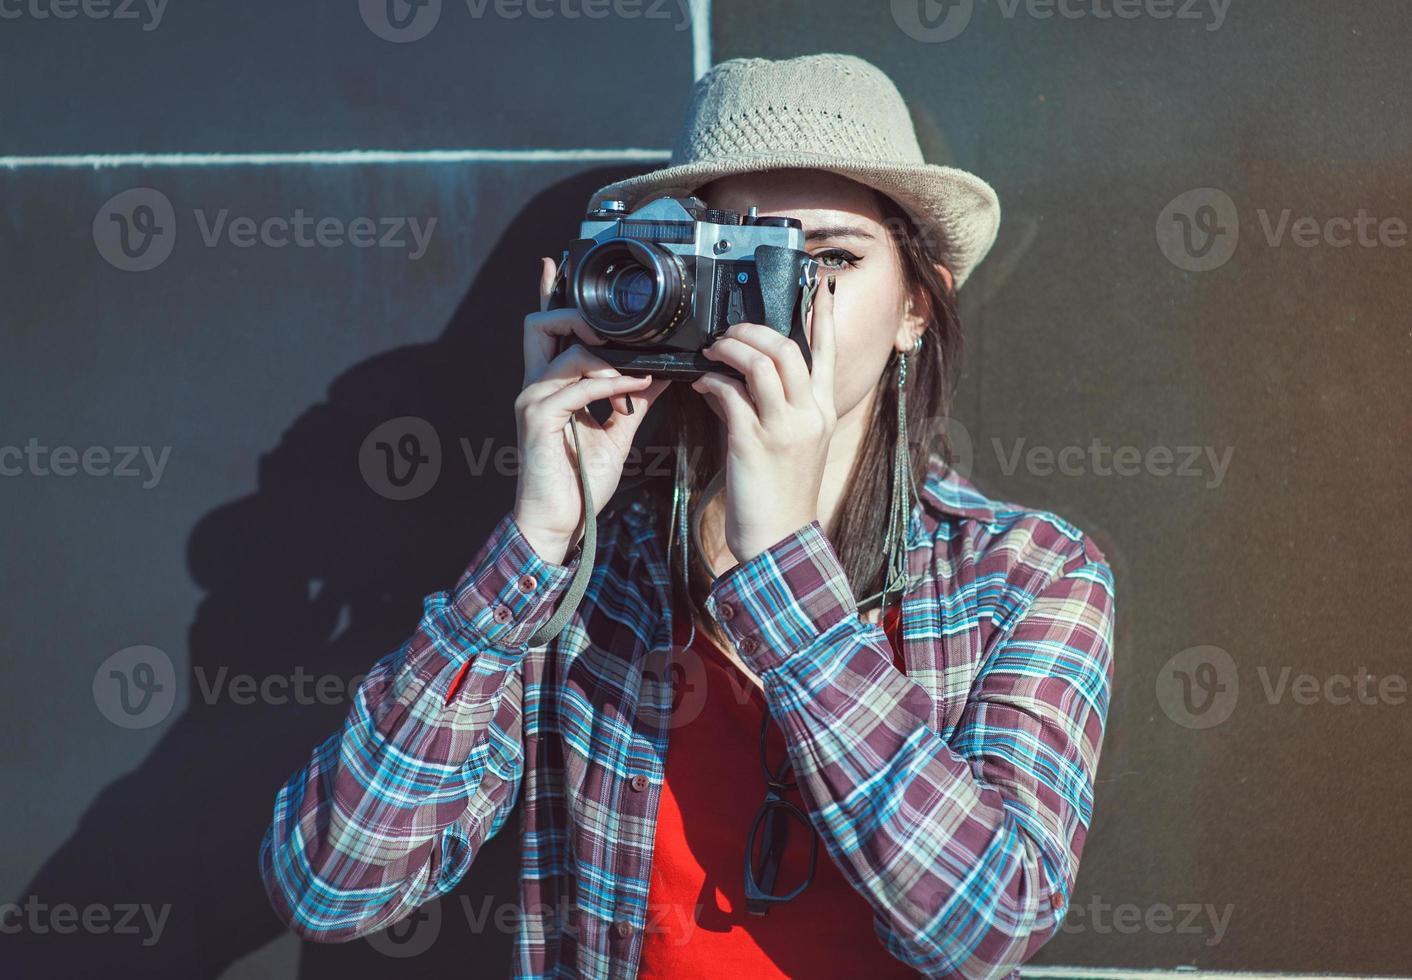 schönes Hipster-Mädchen im Hut, das Bild mit Retro-Kamera macht foto